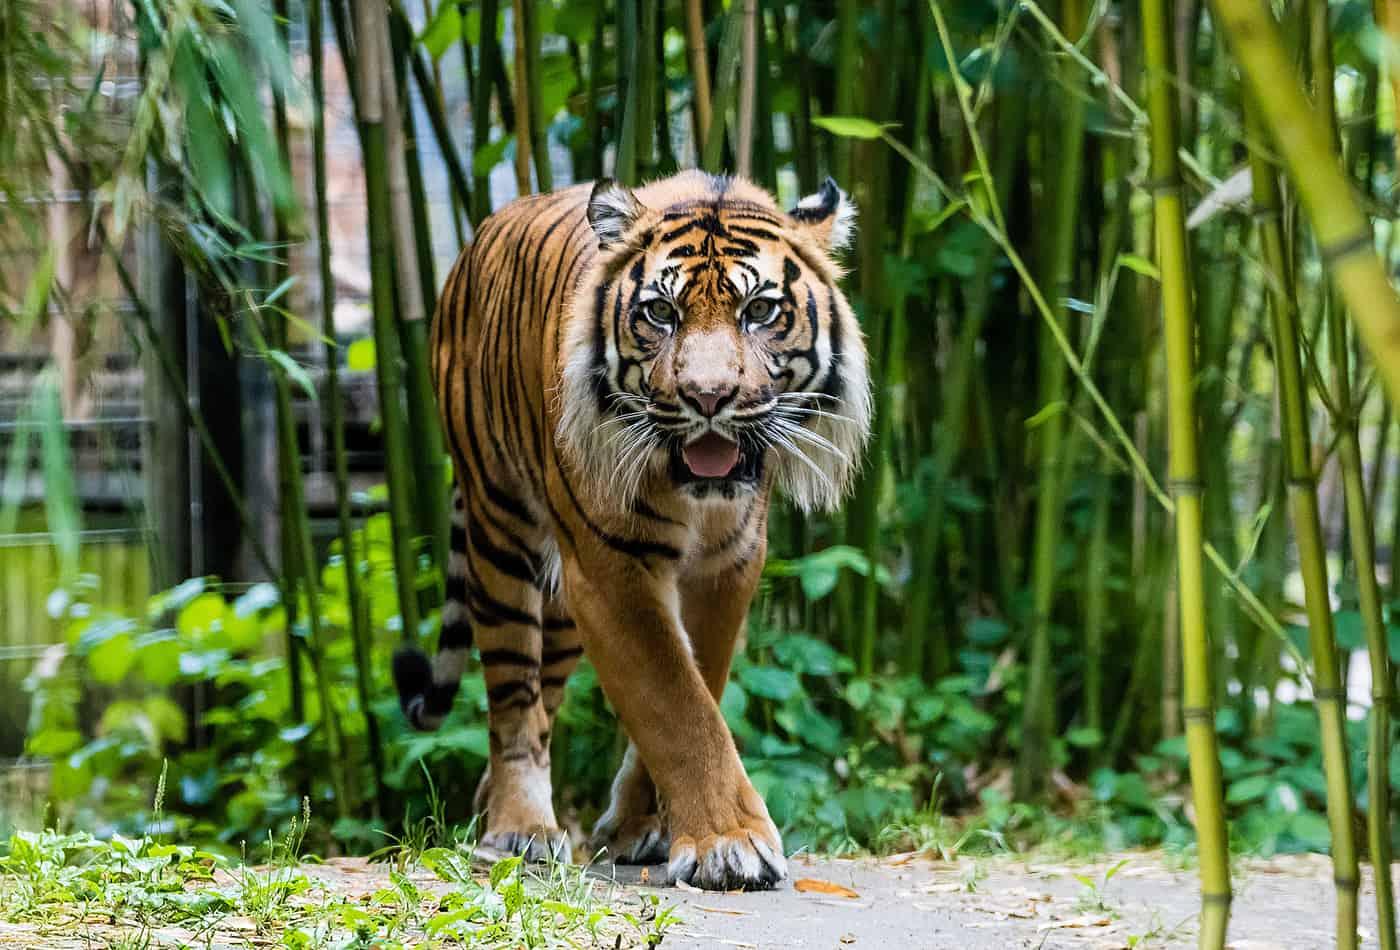 Er gilt als König des Dschungels – der Tiger. Wie er sich an das Leben im Regenwald angepasst hat, erfahren die Teilnehmer bei den Schnupper-Workshops in den Herbstferien im Zoo Heidelberg. (Foto: Zoo Heidelberg) (Foto: Zoo Heidelberg)